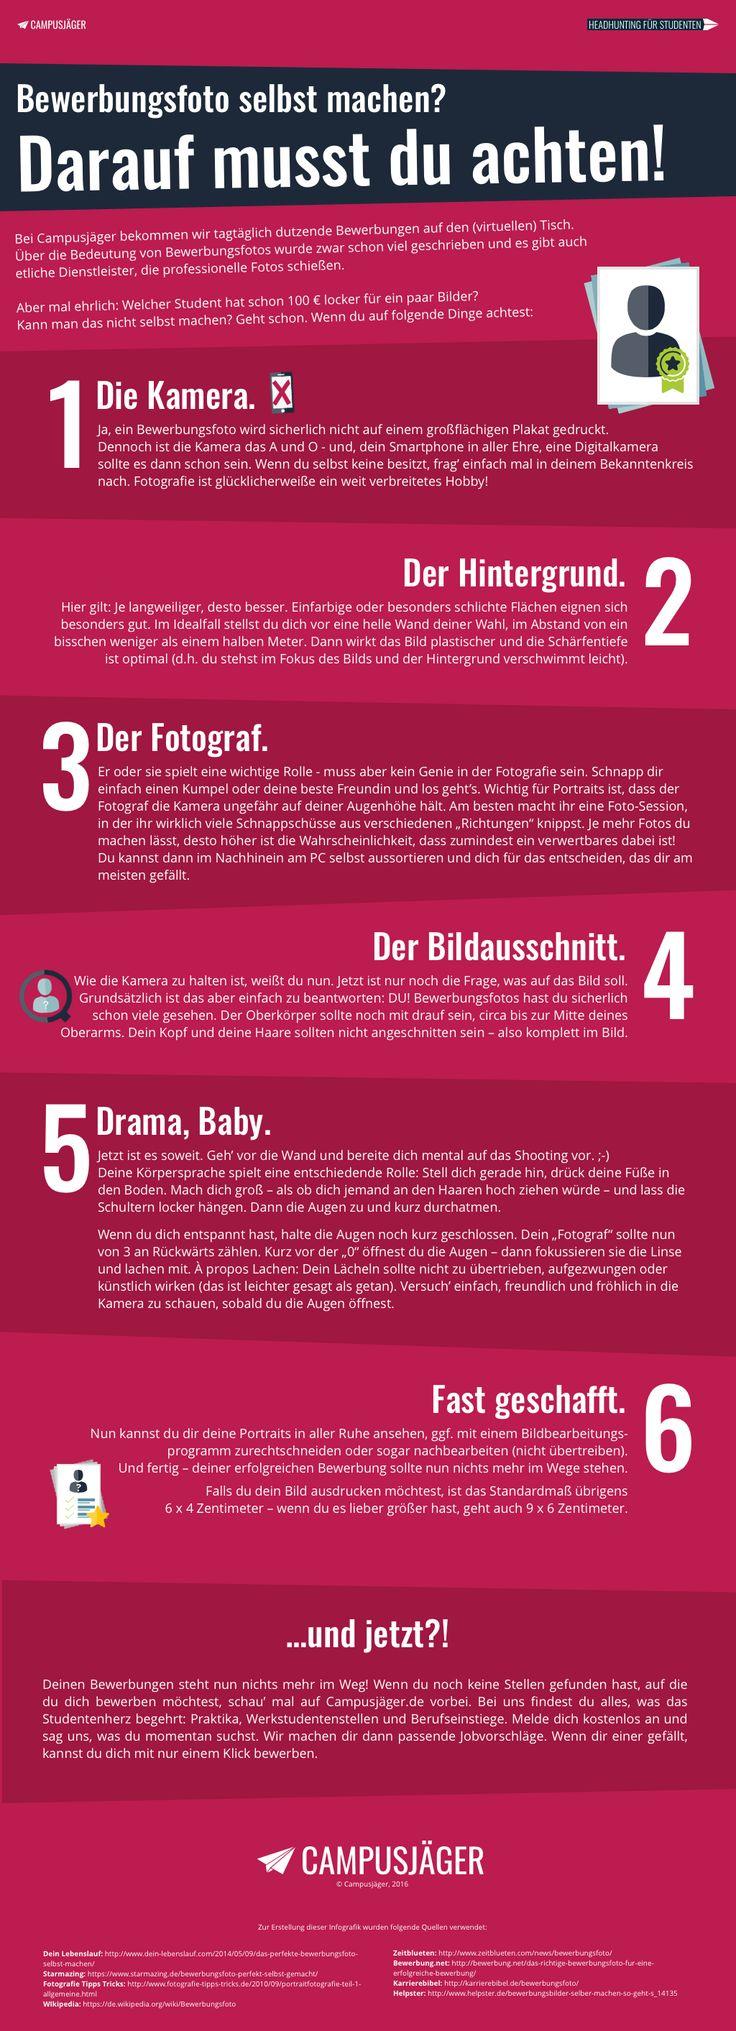 Die besten 25+ Bewerbungsfoto Ideen auf Pinterest | Business ...